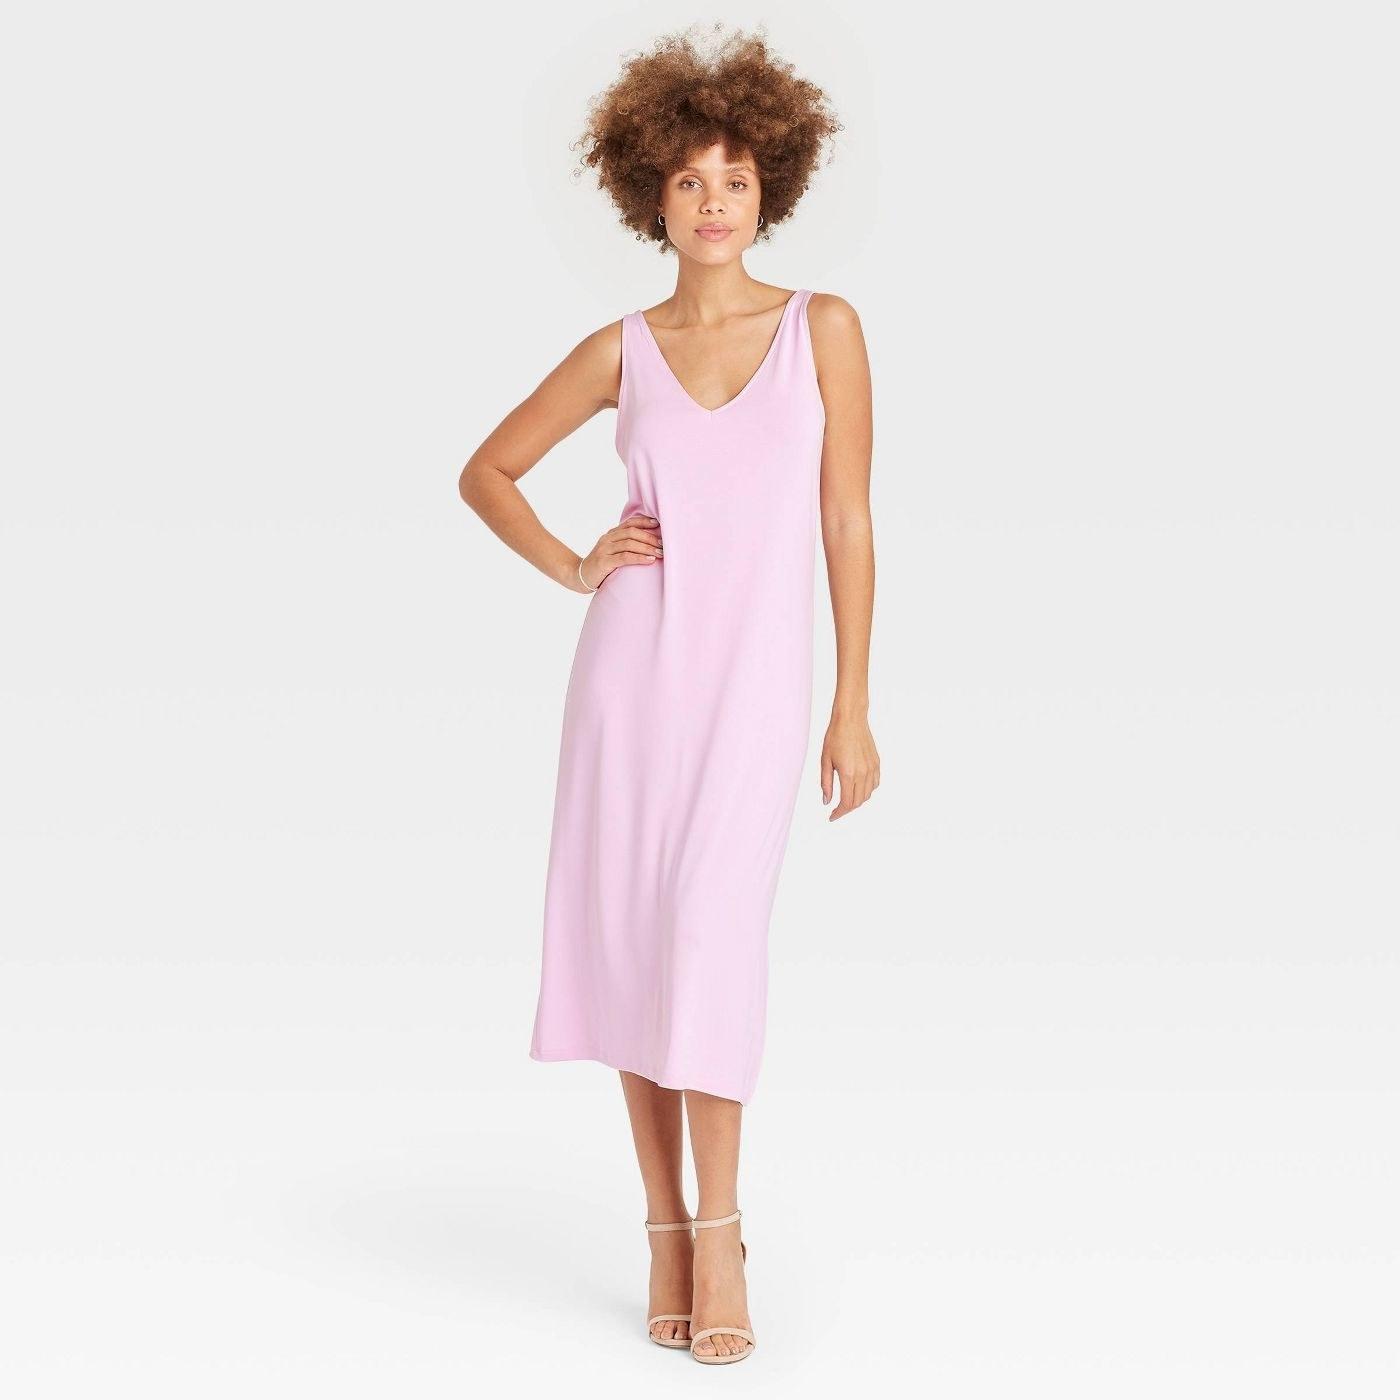 Model wearing light pink tank dress